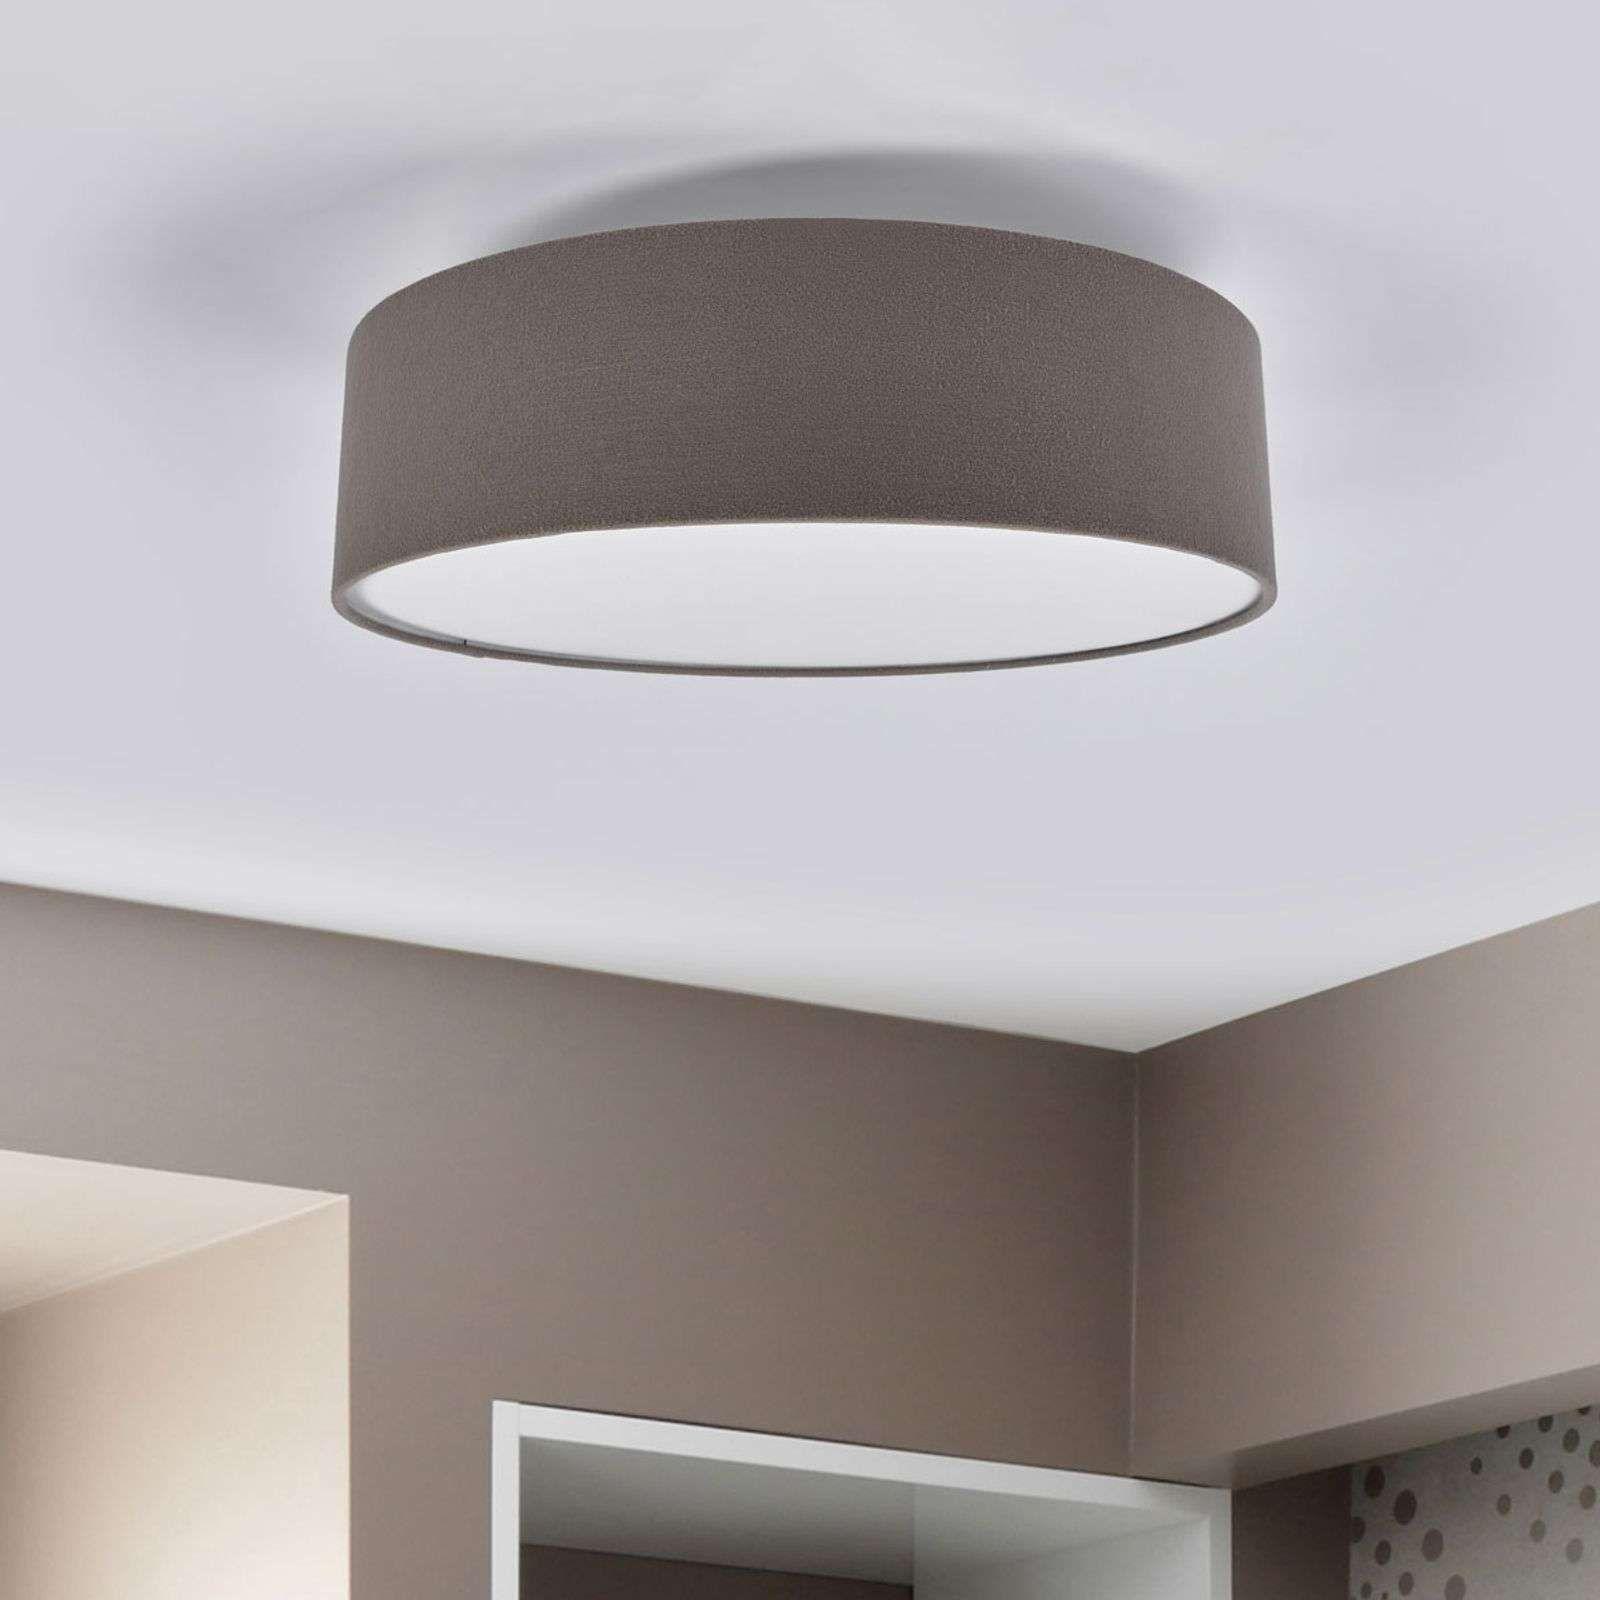 Moderne Deckenleuchte Von Lucande Grau In 2020 Beleuchtung Decke Led Deckenleuchte Flach Indirekte Deckenbeleuchtung